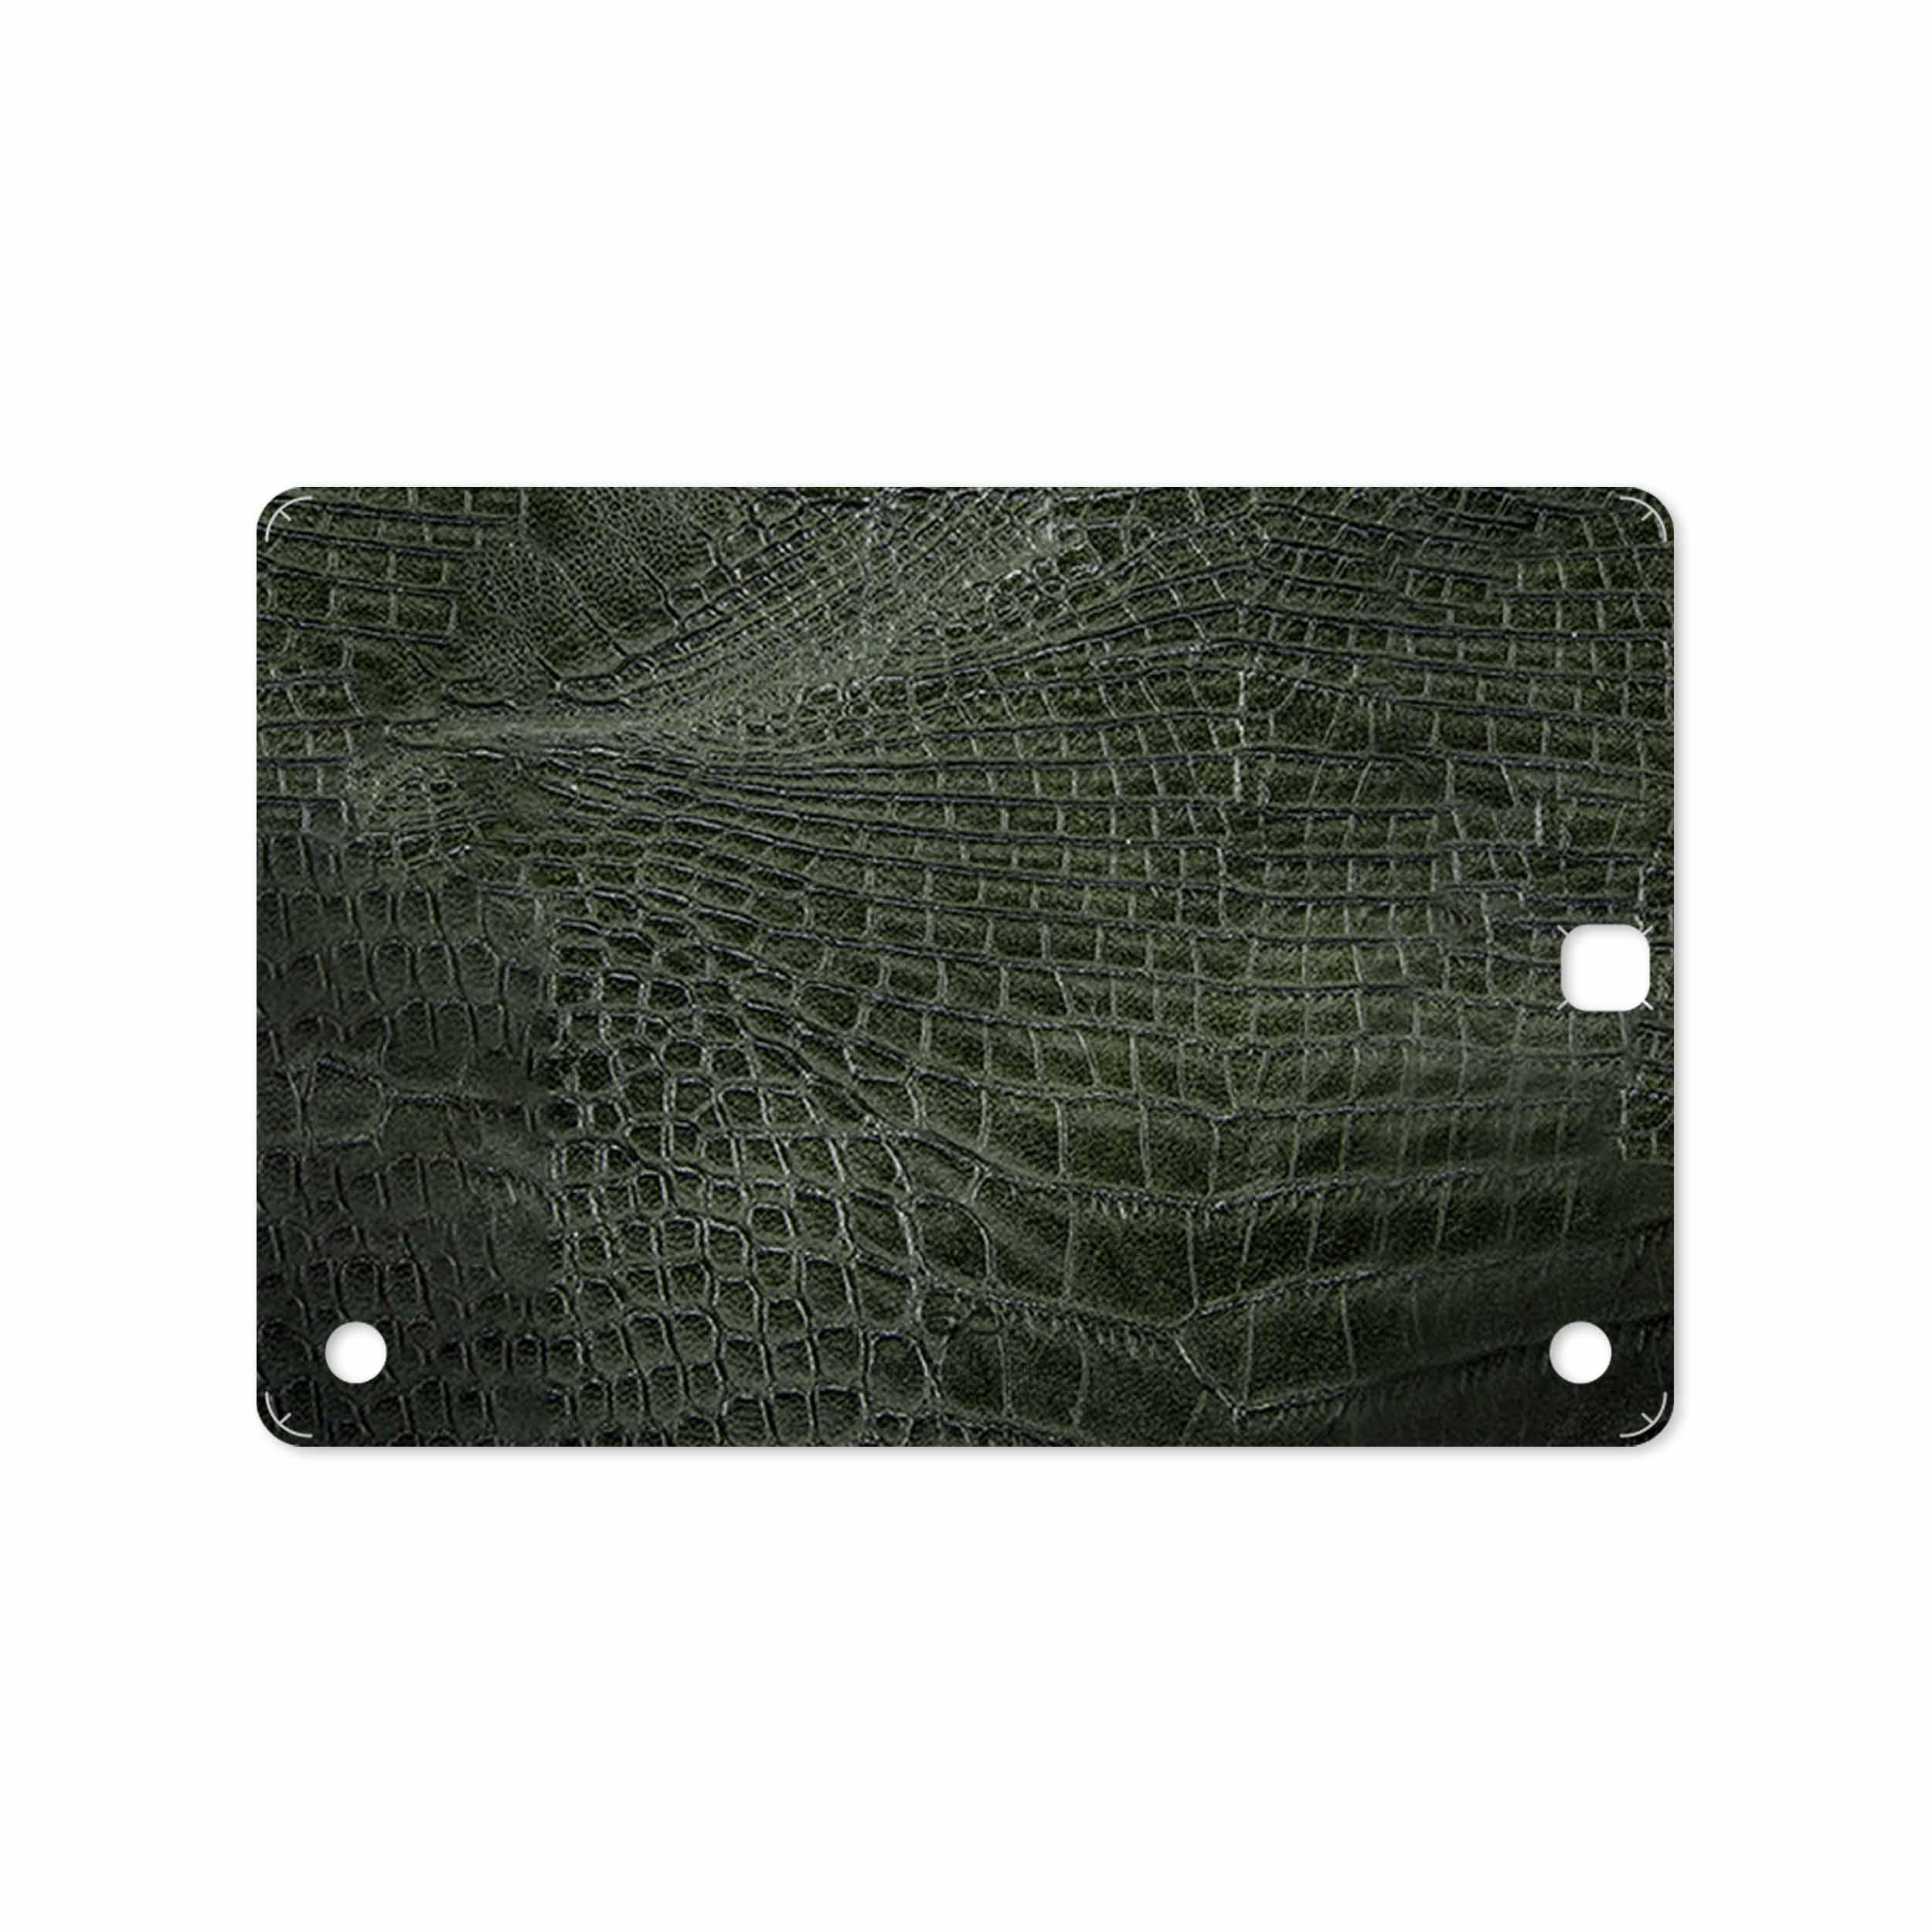 بررسی و خرید [با تخفیف]                                     برچسب پوششی ماهوت مدل Green-Crocodile-Leather مناسب برای تبلت سامسونگ Galaxy Tab A 9.7 2015 T550                             اورجینال